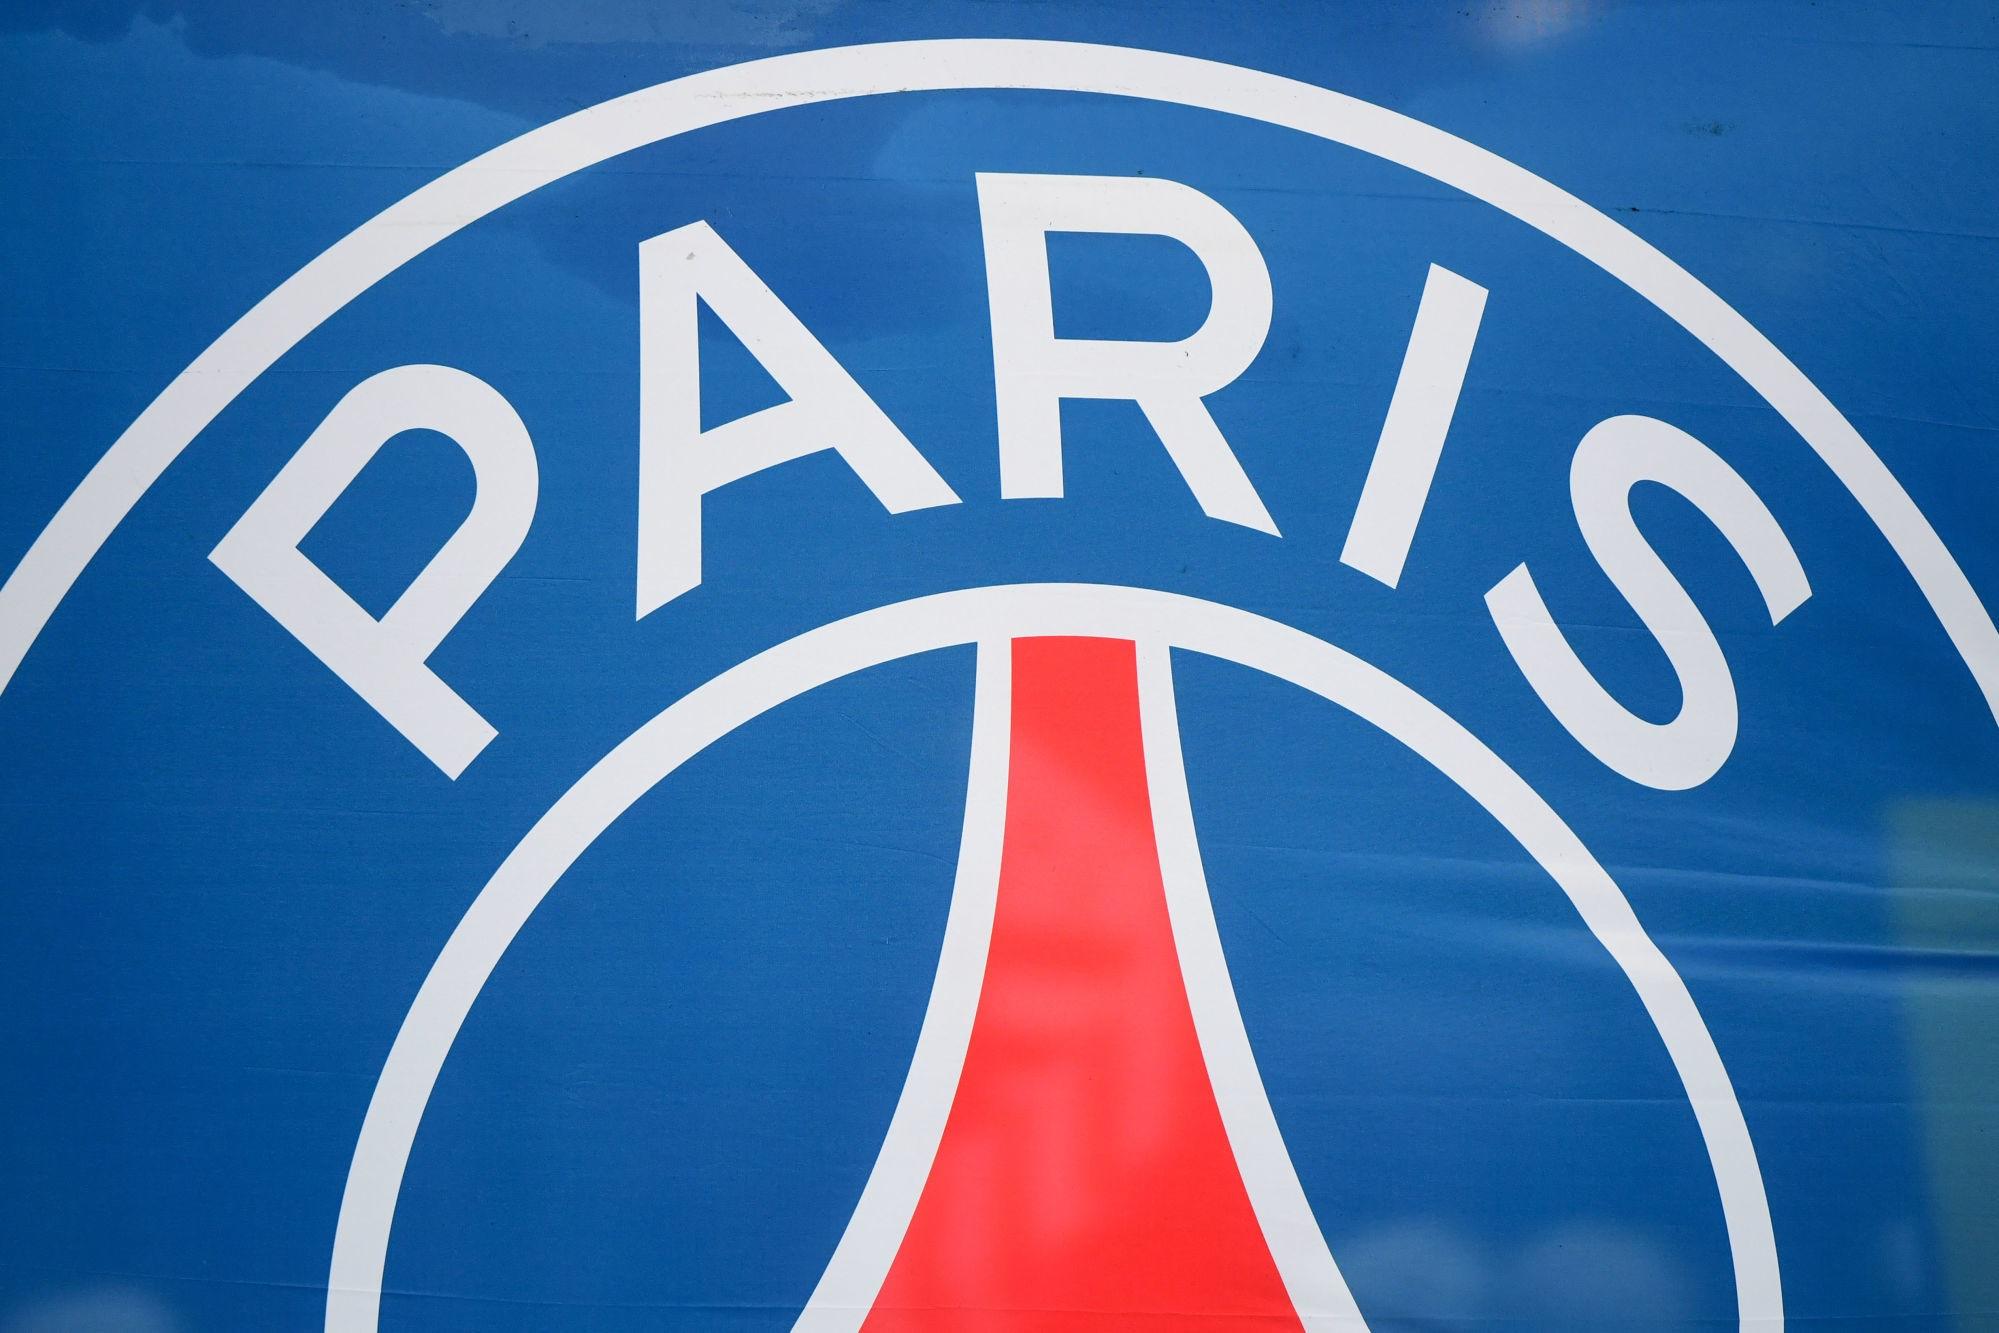 Officiel - Le PSG ouvre un système de drive pour son Mégastore